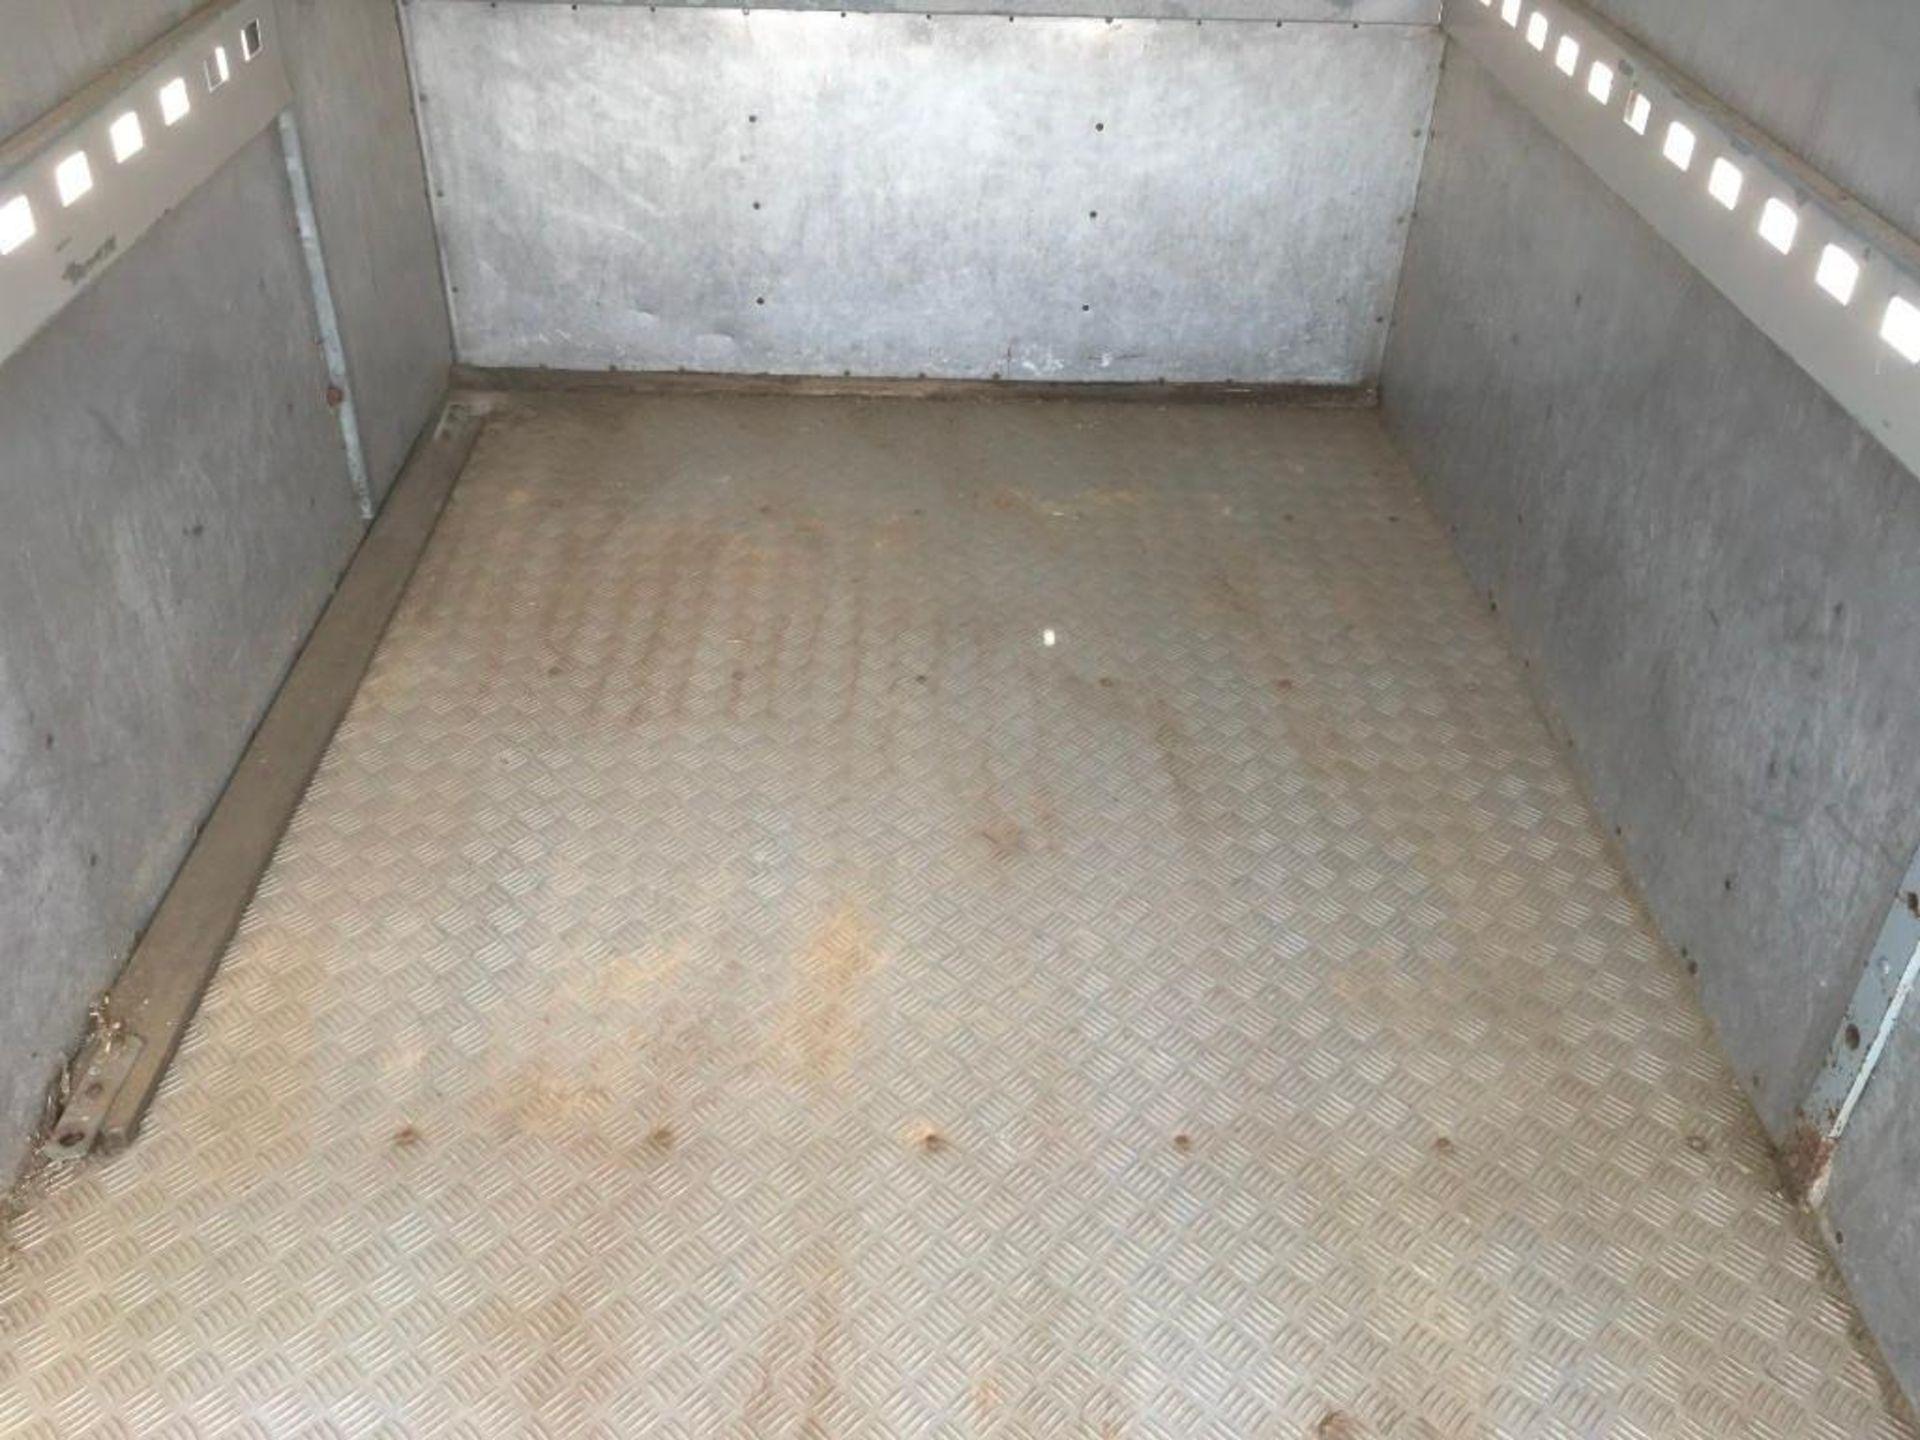 1996 Bateson Trailers 45LT twin axle livestock box, sprung rear door, side door, home made calf part - Image 10 of 14